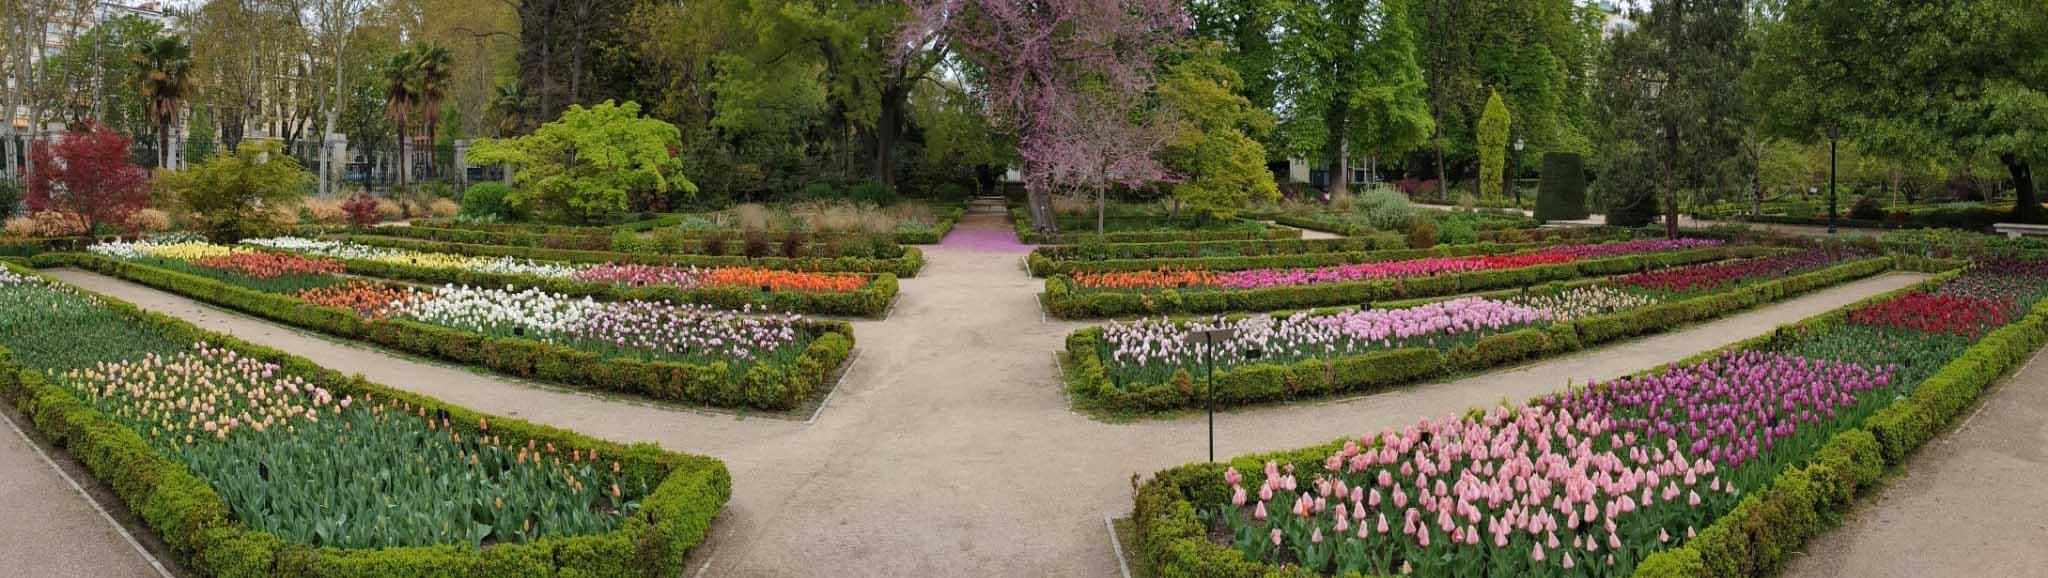 Королевский ботанический сад, Мадрид